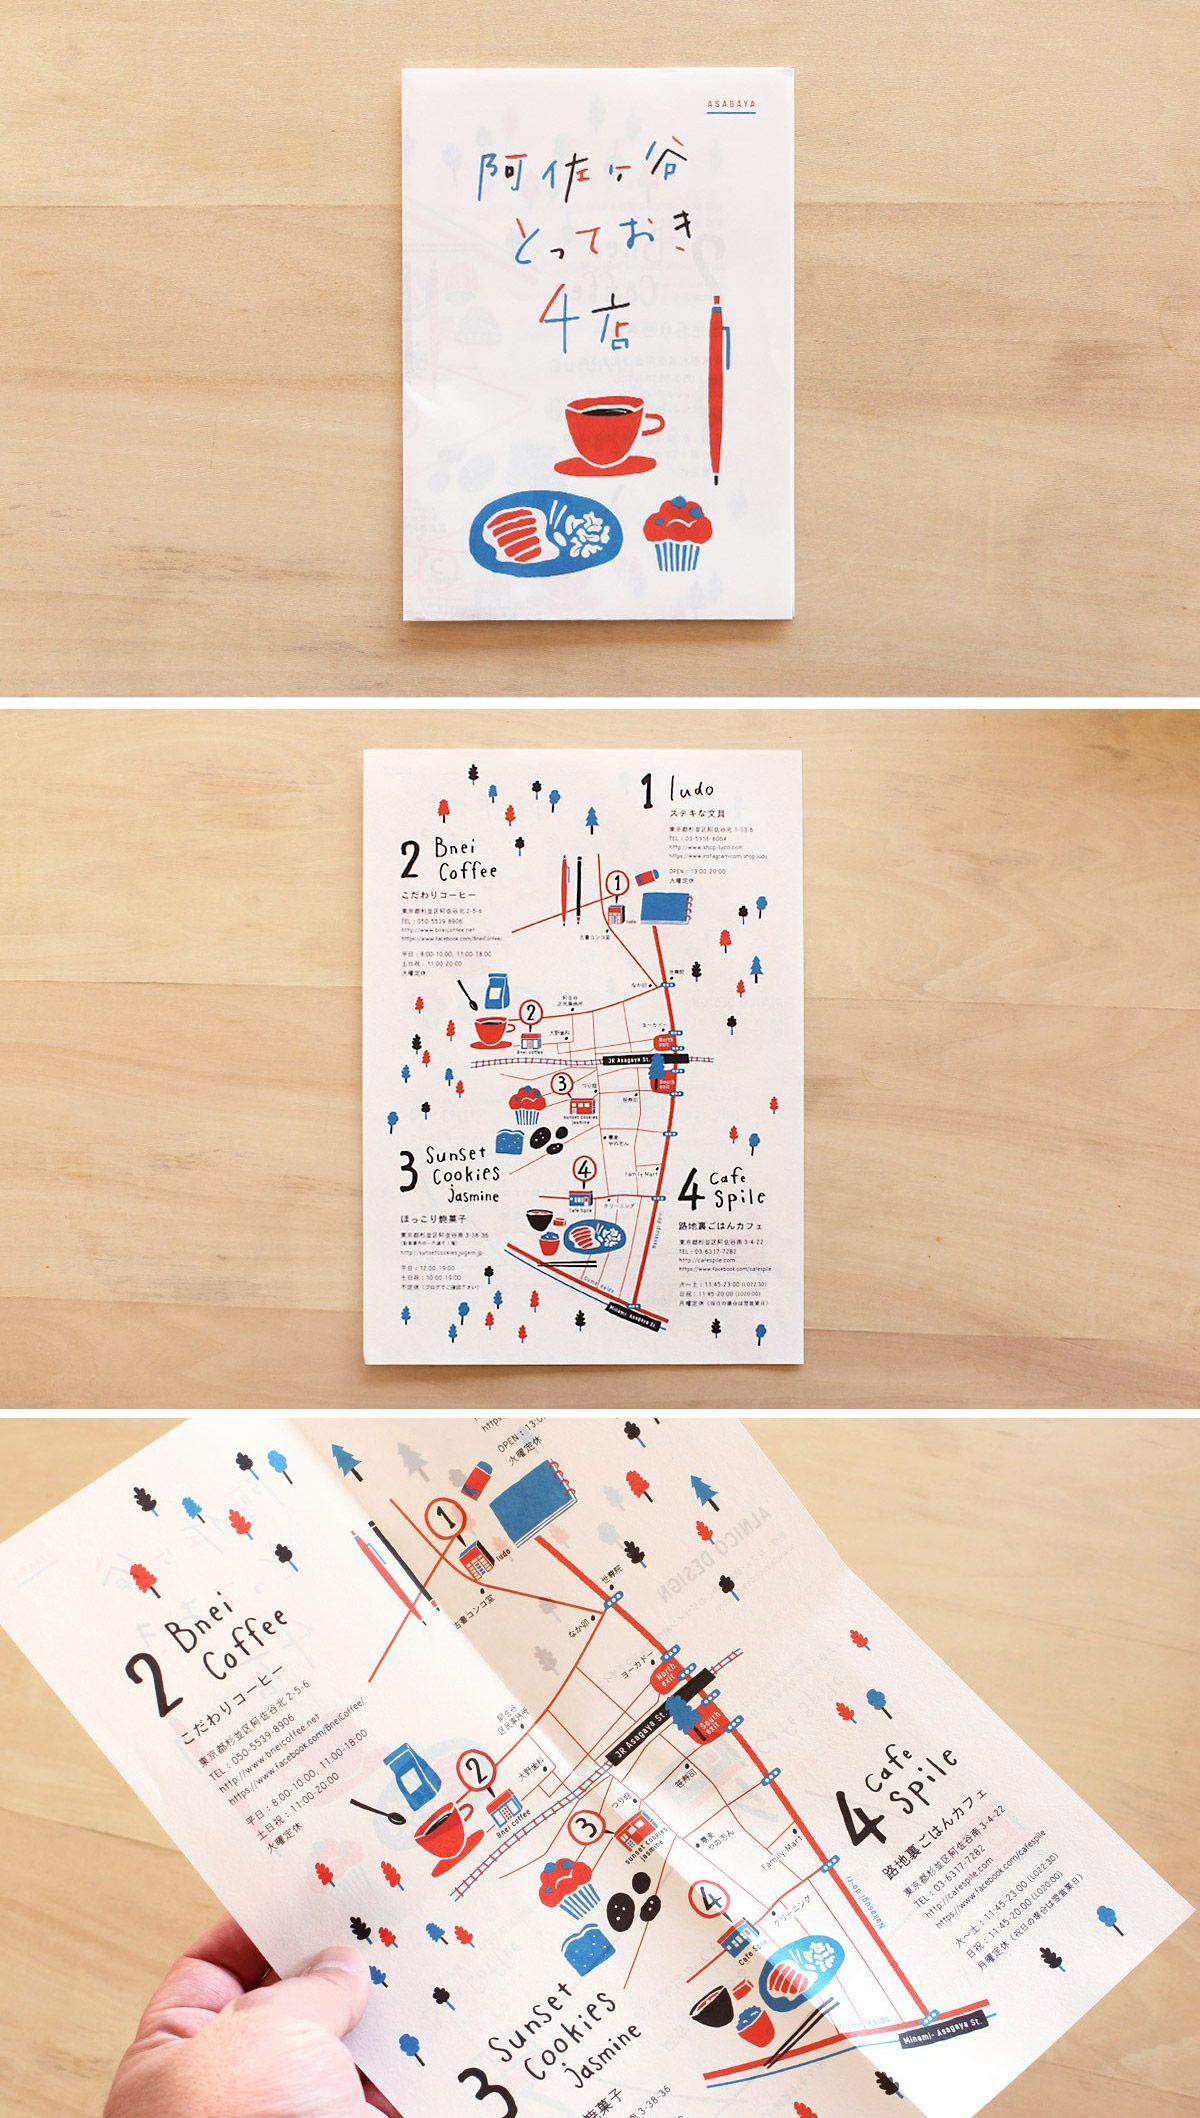 阿佐ヶ谷とっておき4店 Map 画像あり パンフレット デザイン